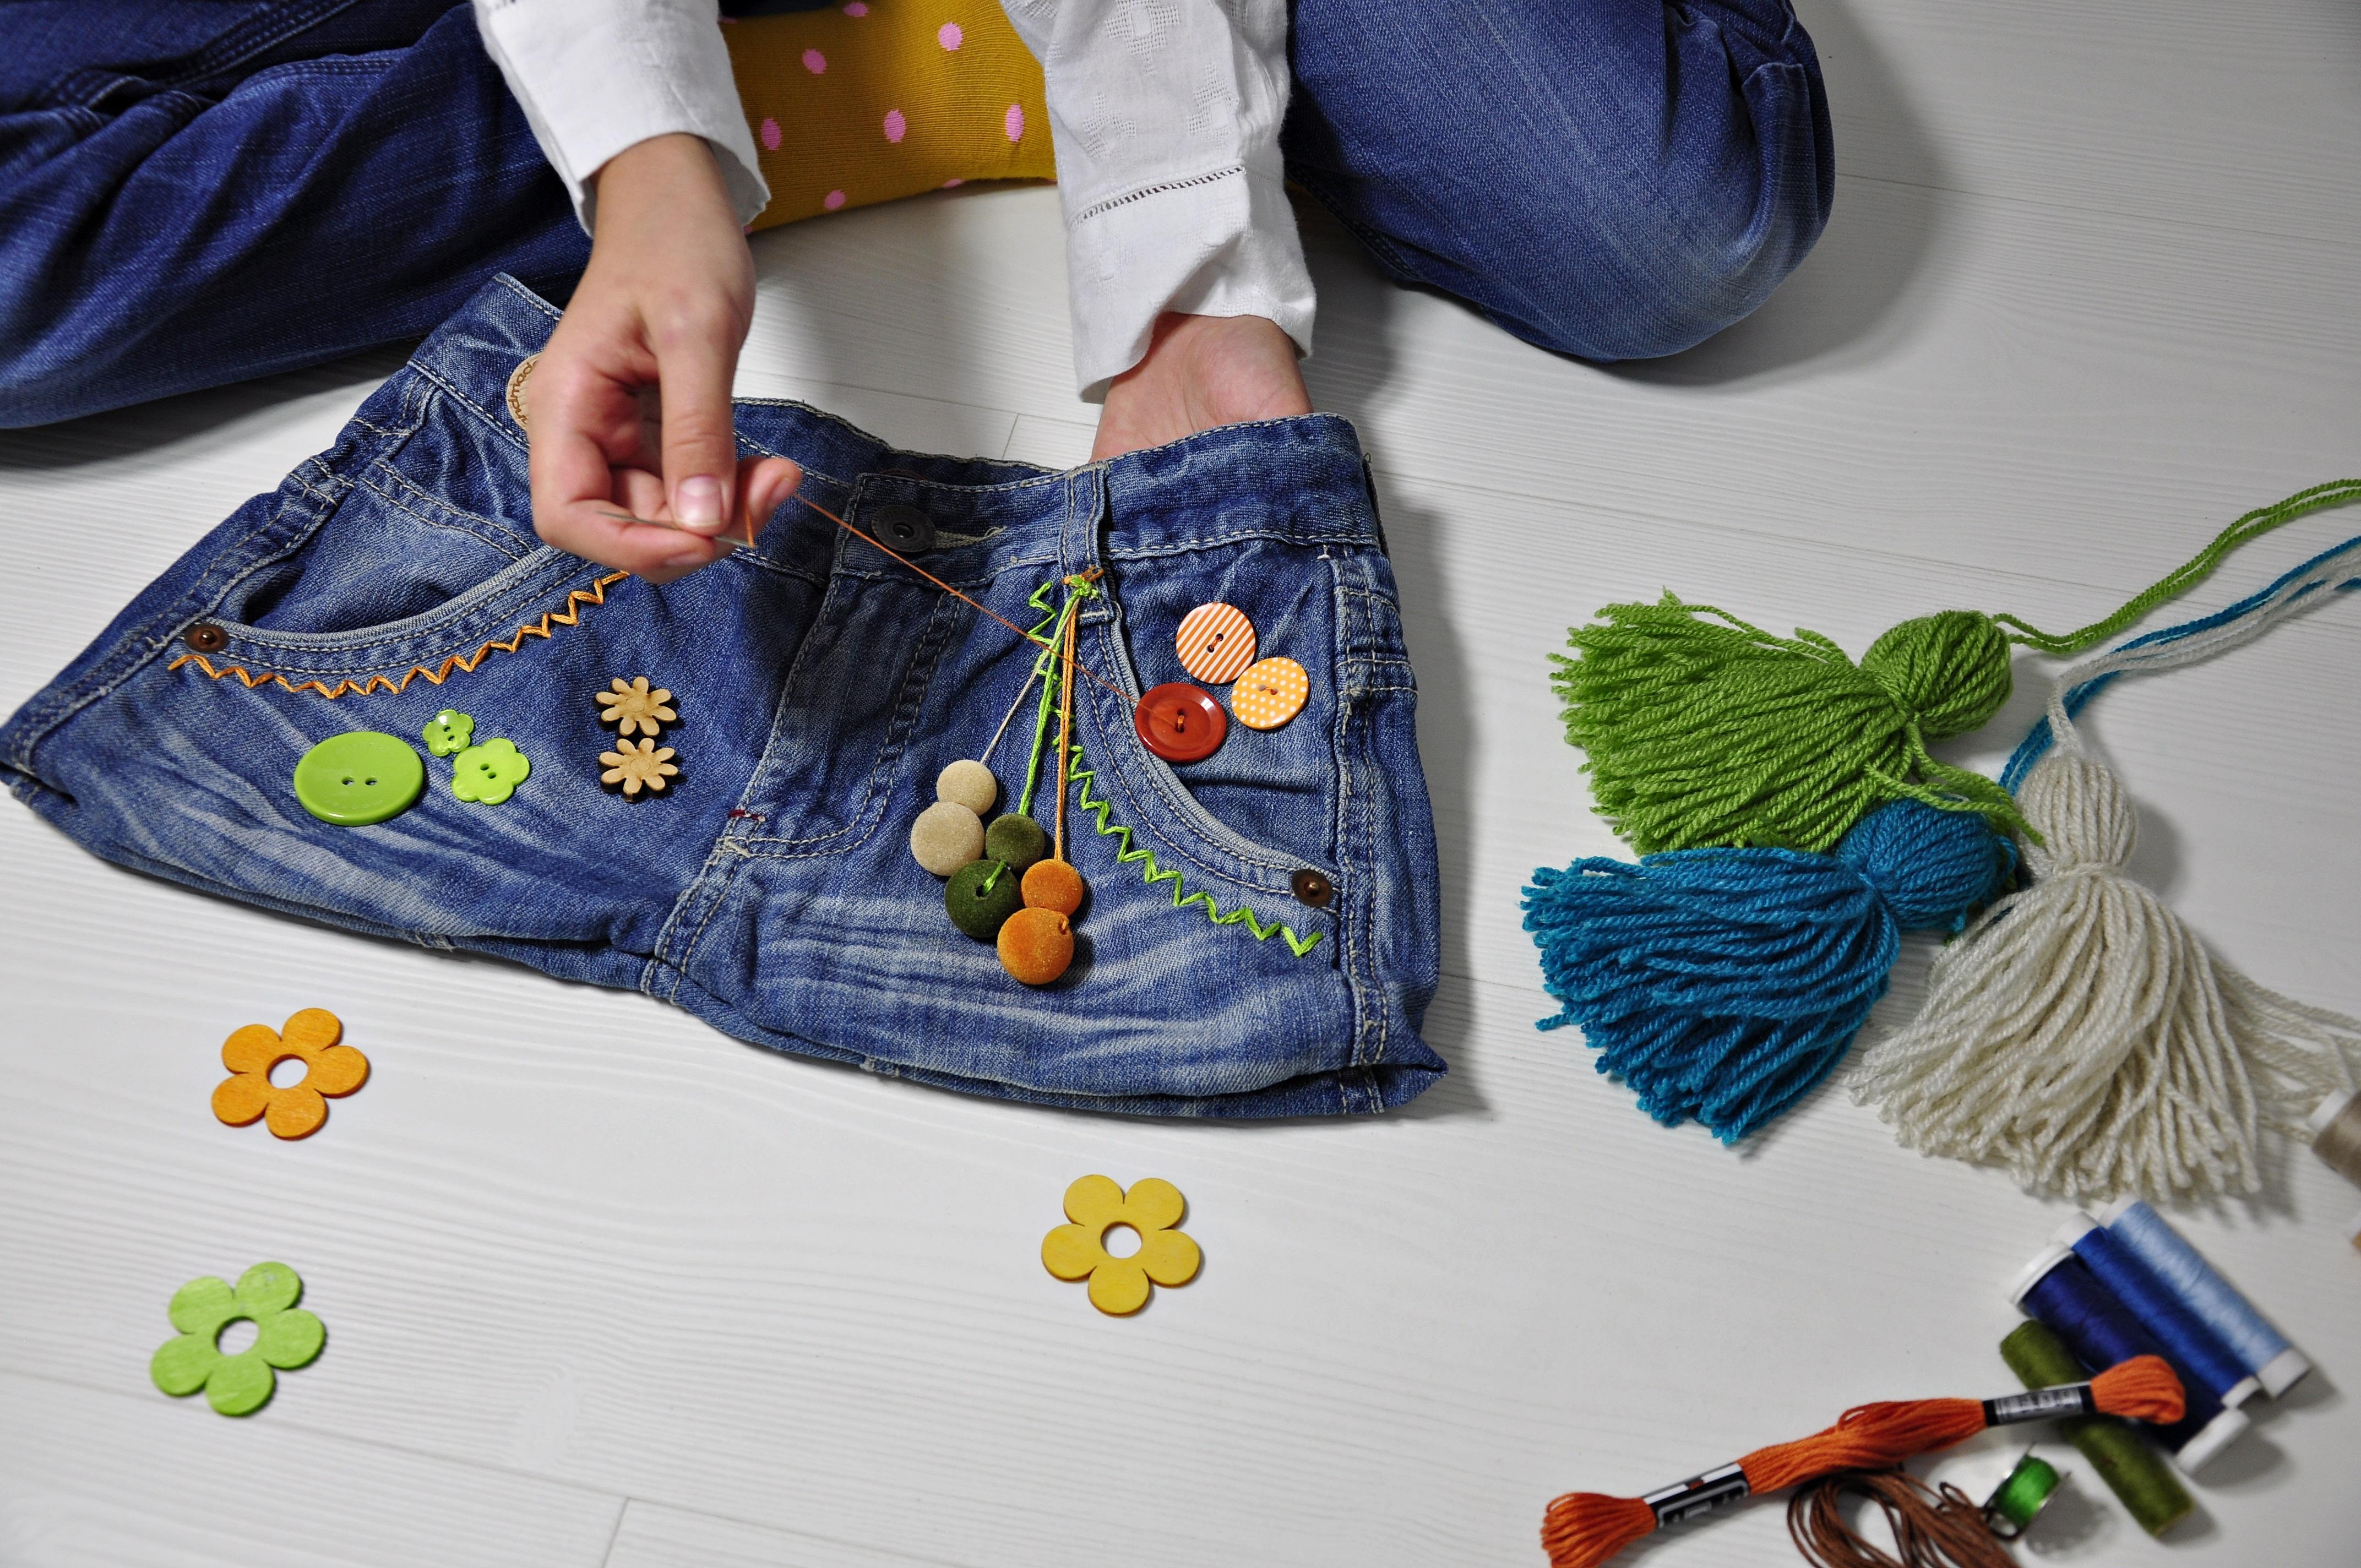 Torba ze spodni dżinsowych - dekorowanie kolorowymi ozdobami